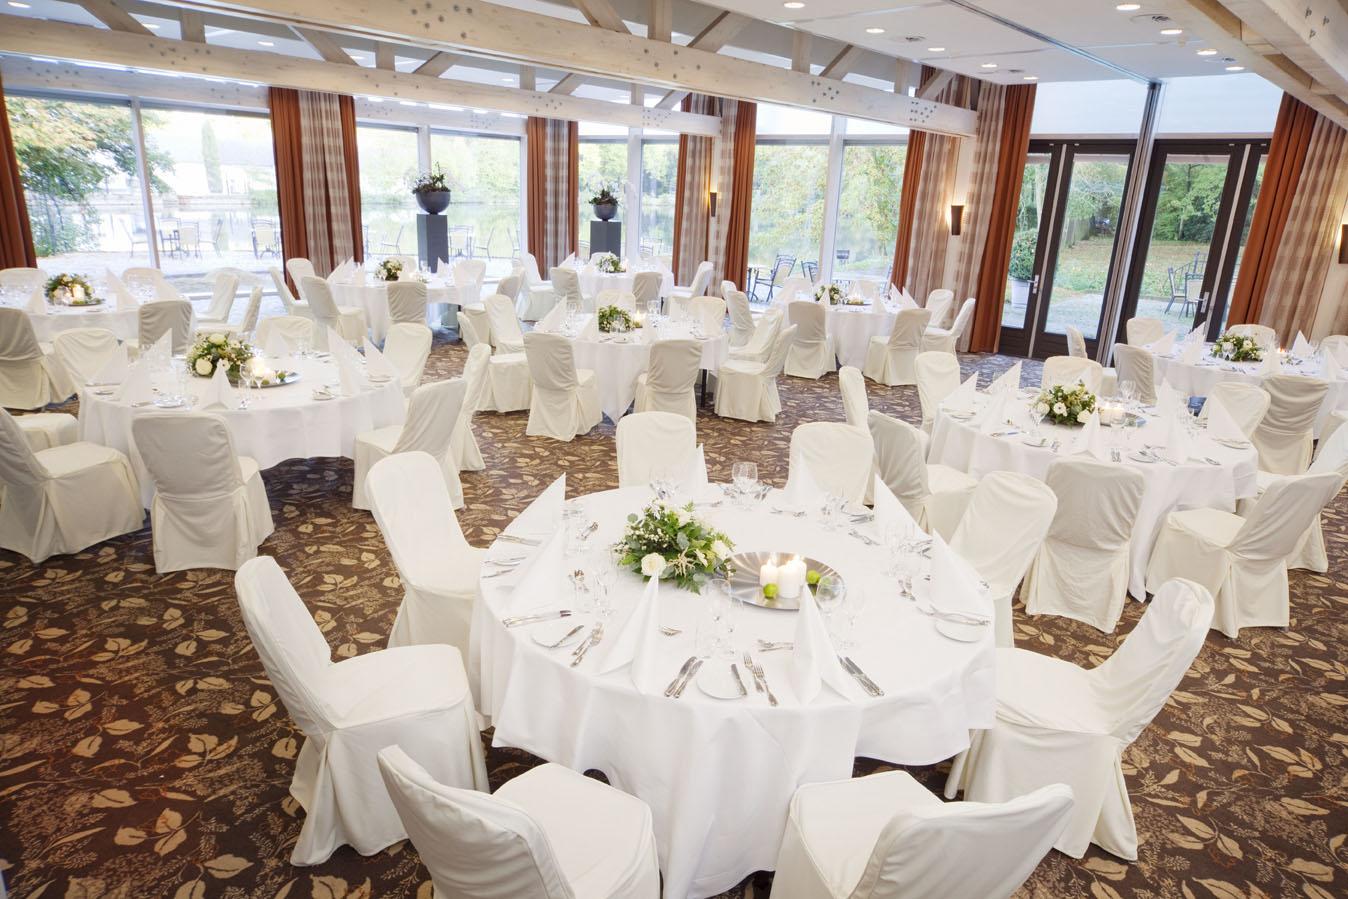 Saal Fur Hochzeit Mieten Wuppertal Halle Oder Saal Mieten In